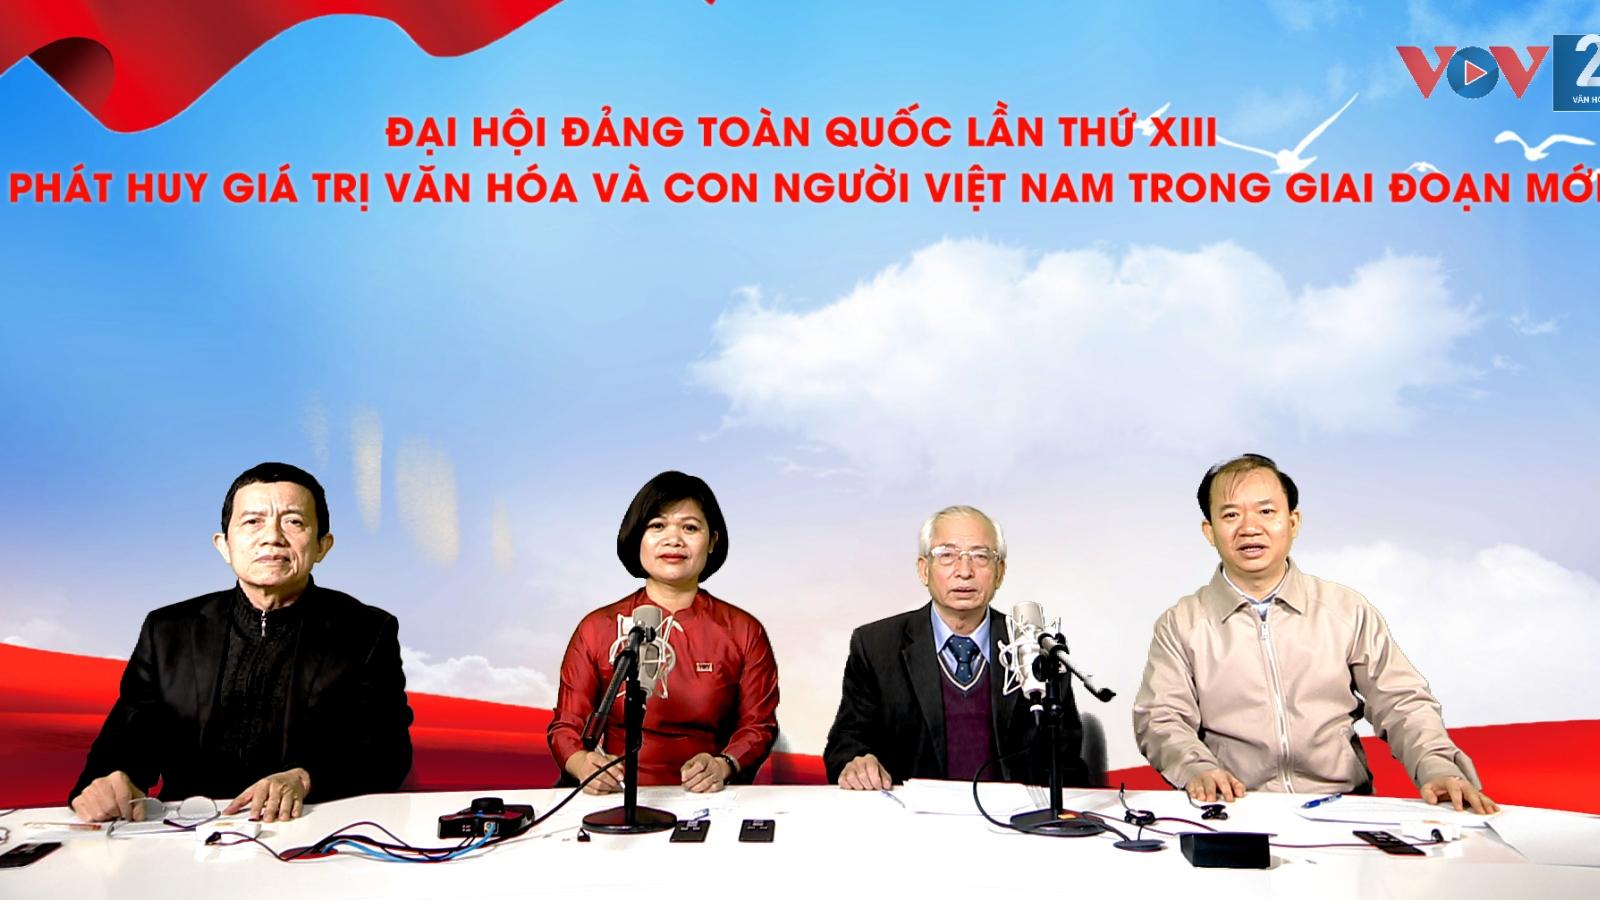 Phát huy giá trị văn hóa và con người Việt Nam trong giai đoạn mới